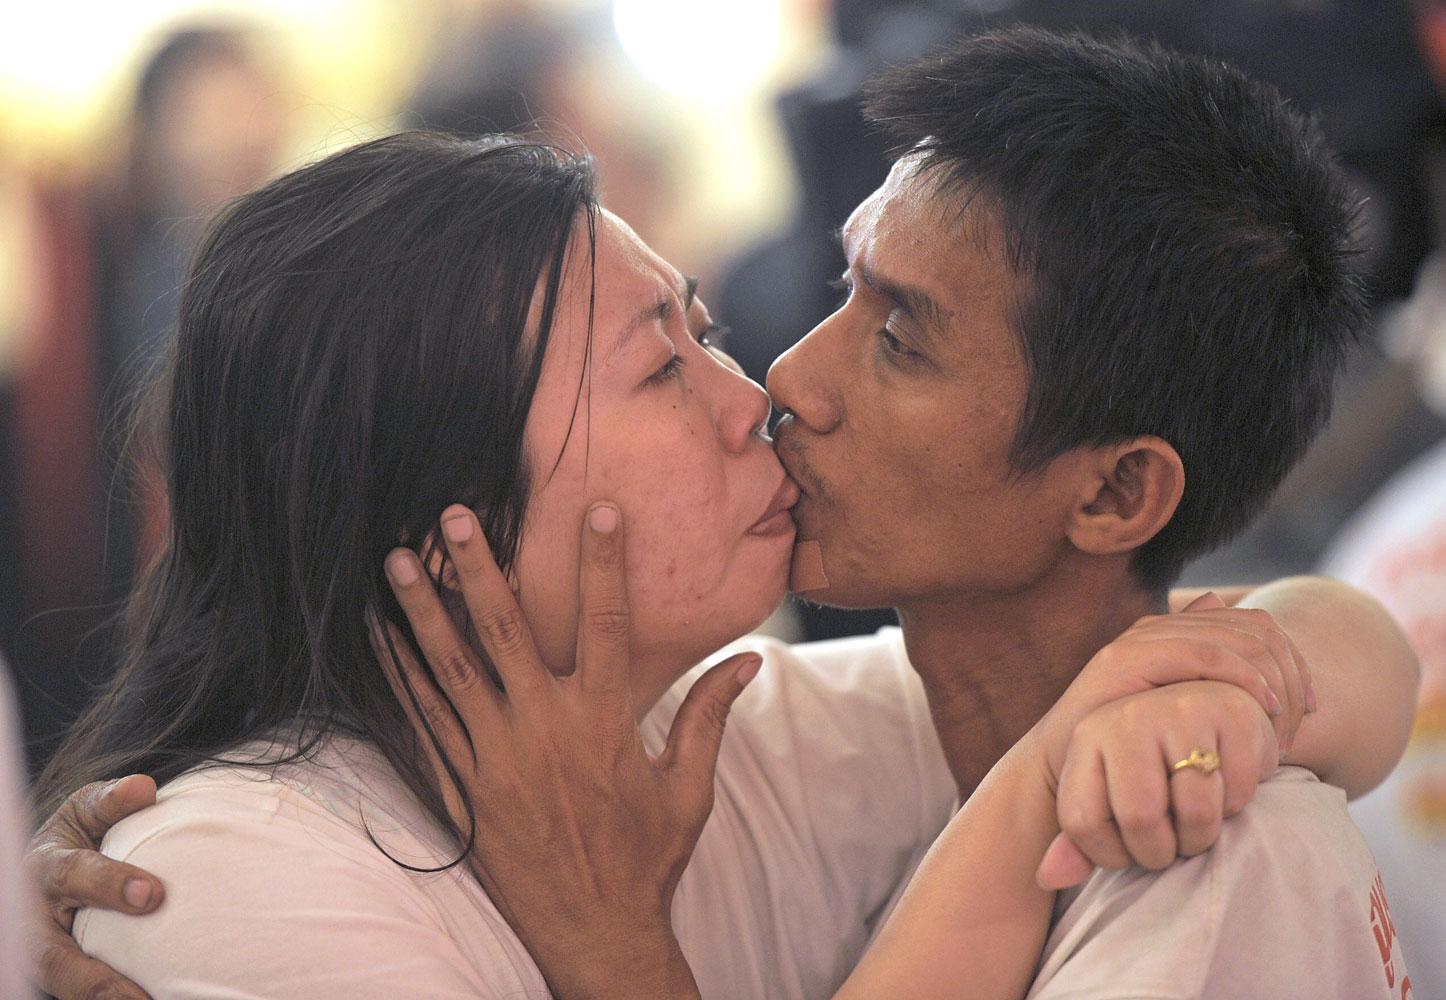 World's Longest Continuous Kiss